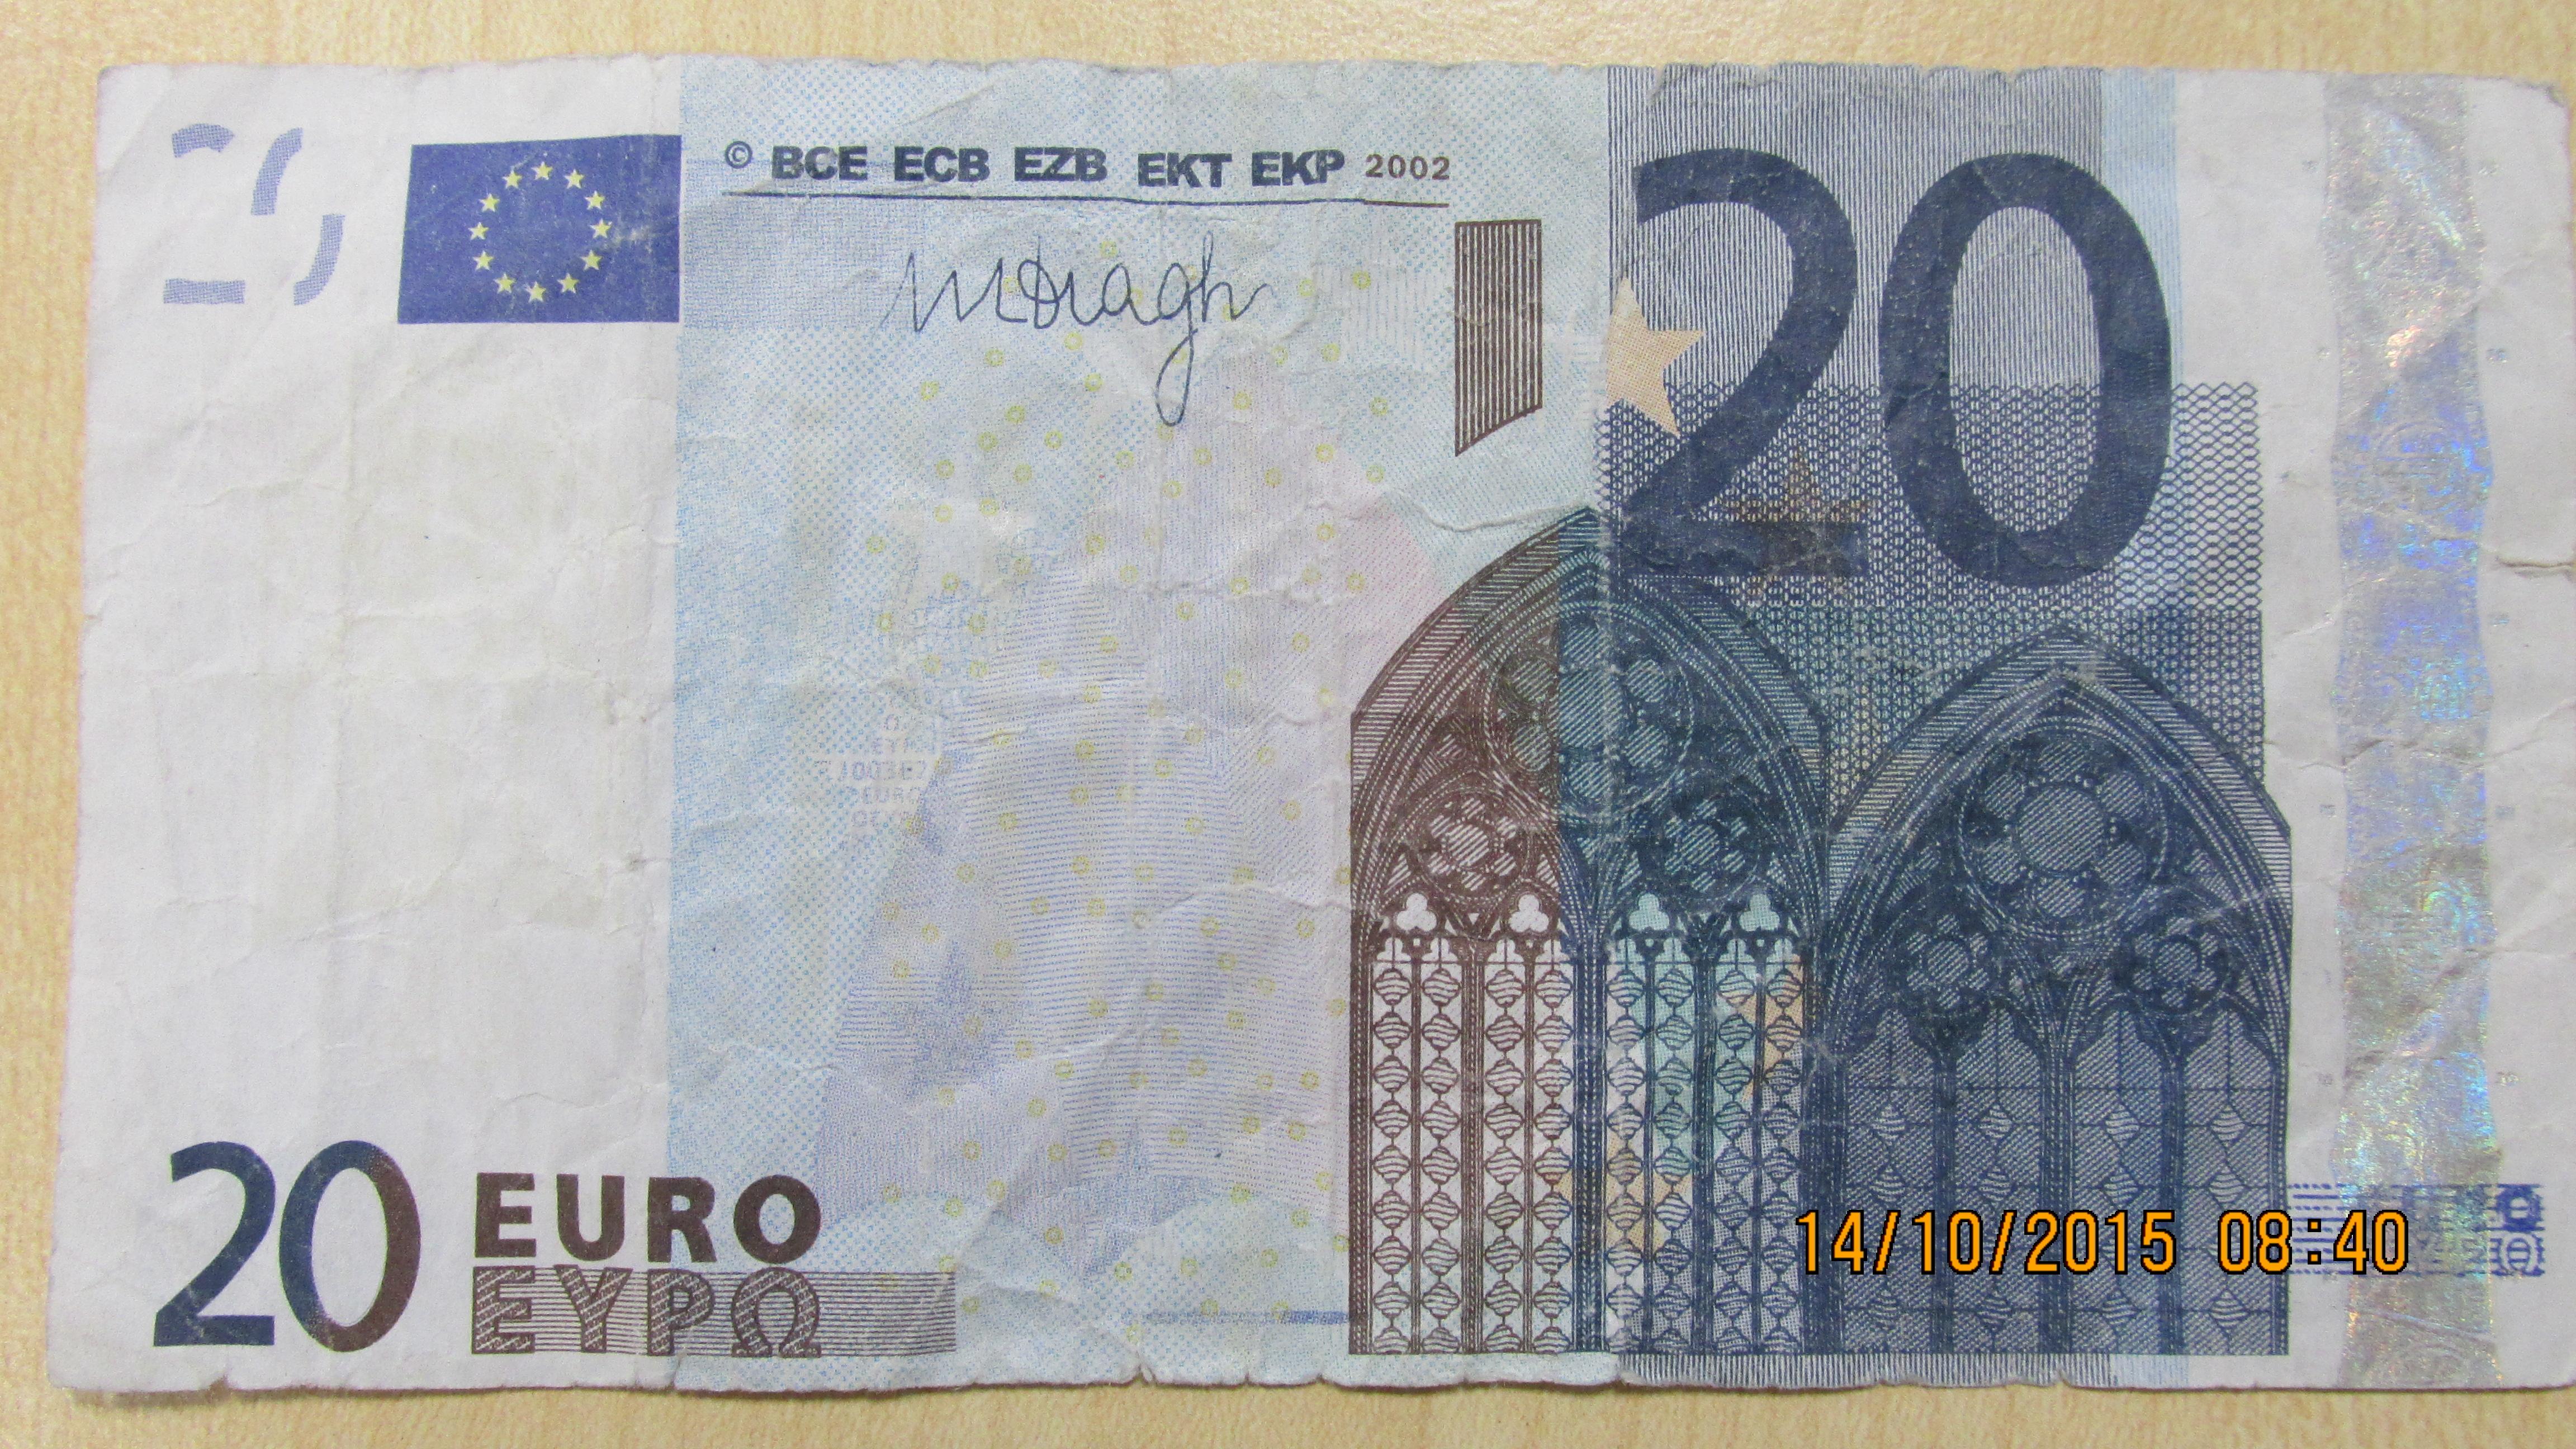 NRW: Polizei warnt vor falschen 20-Euro-Scheinen